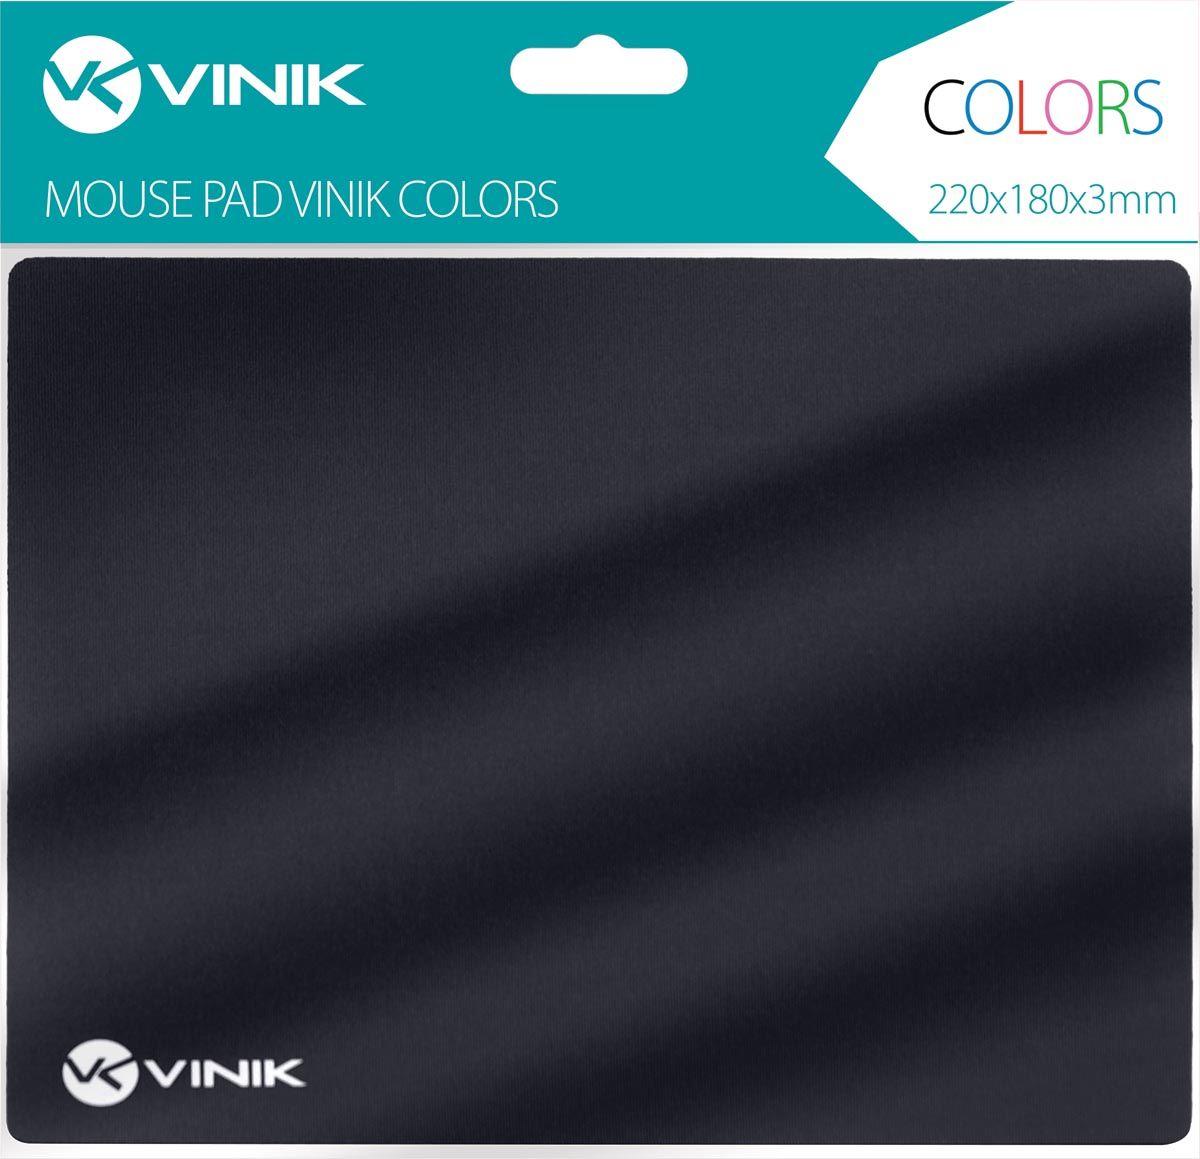 MOUSE PAD VINIK COLORS PRETO - 220X180X3MM